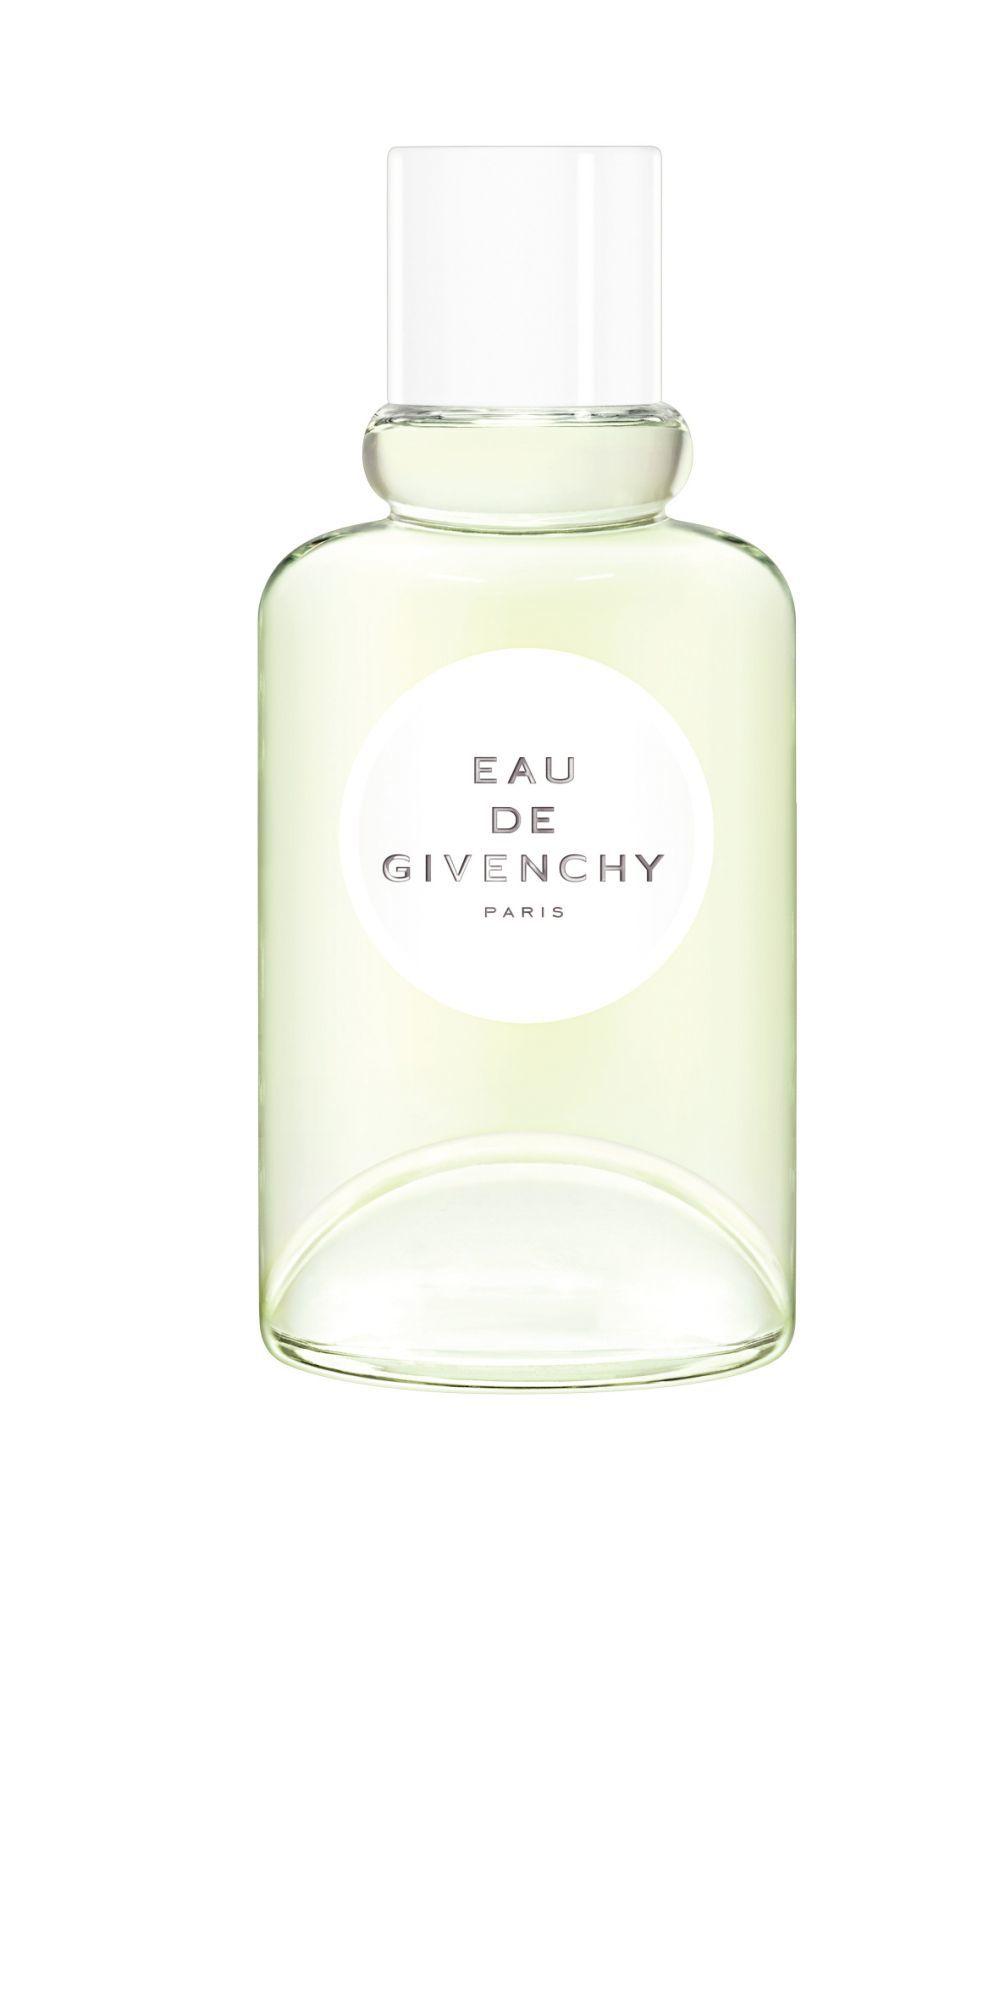 Eau de Givenchy.